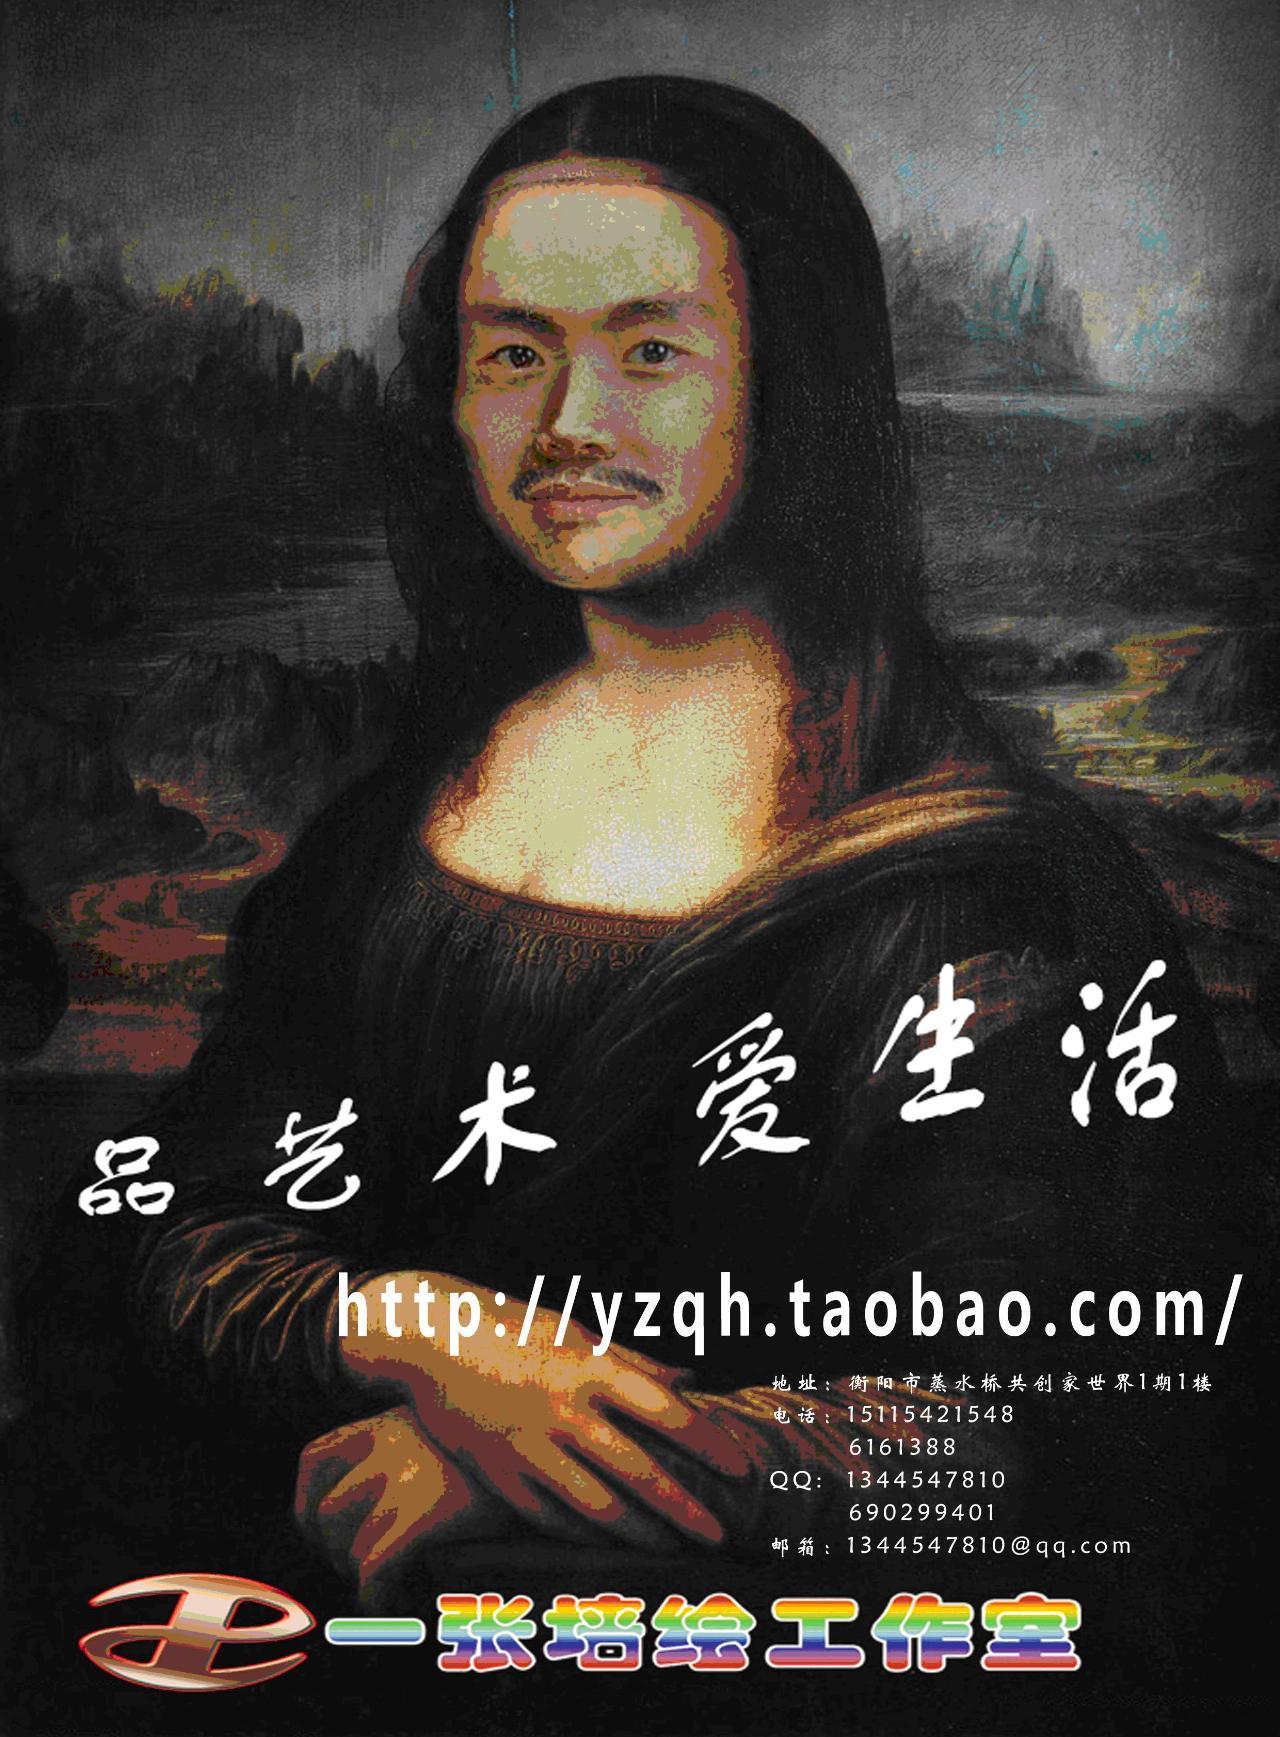 墙绘师张宁:在墙上描绘出美好生活